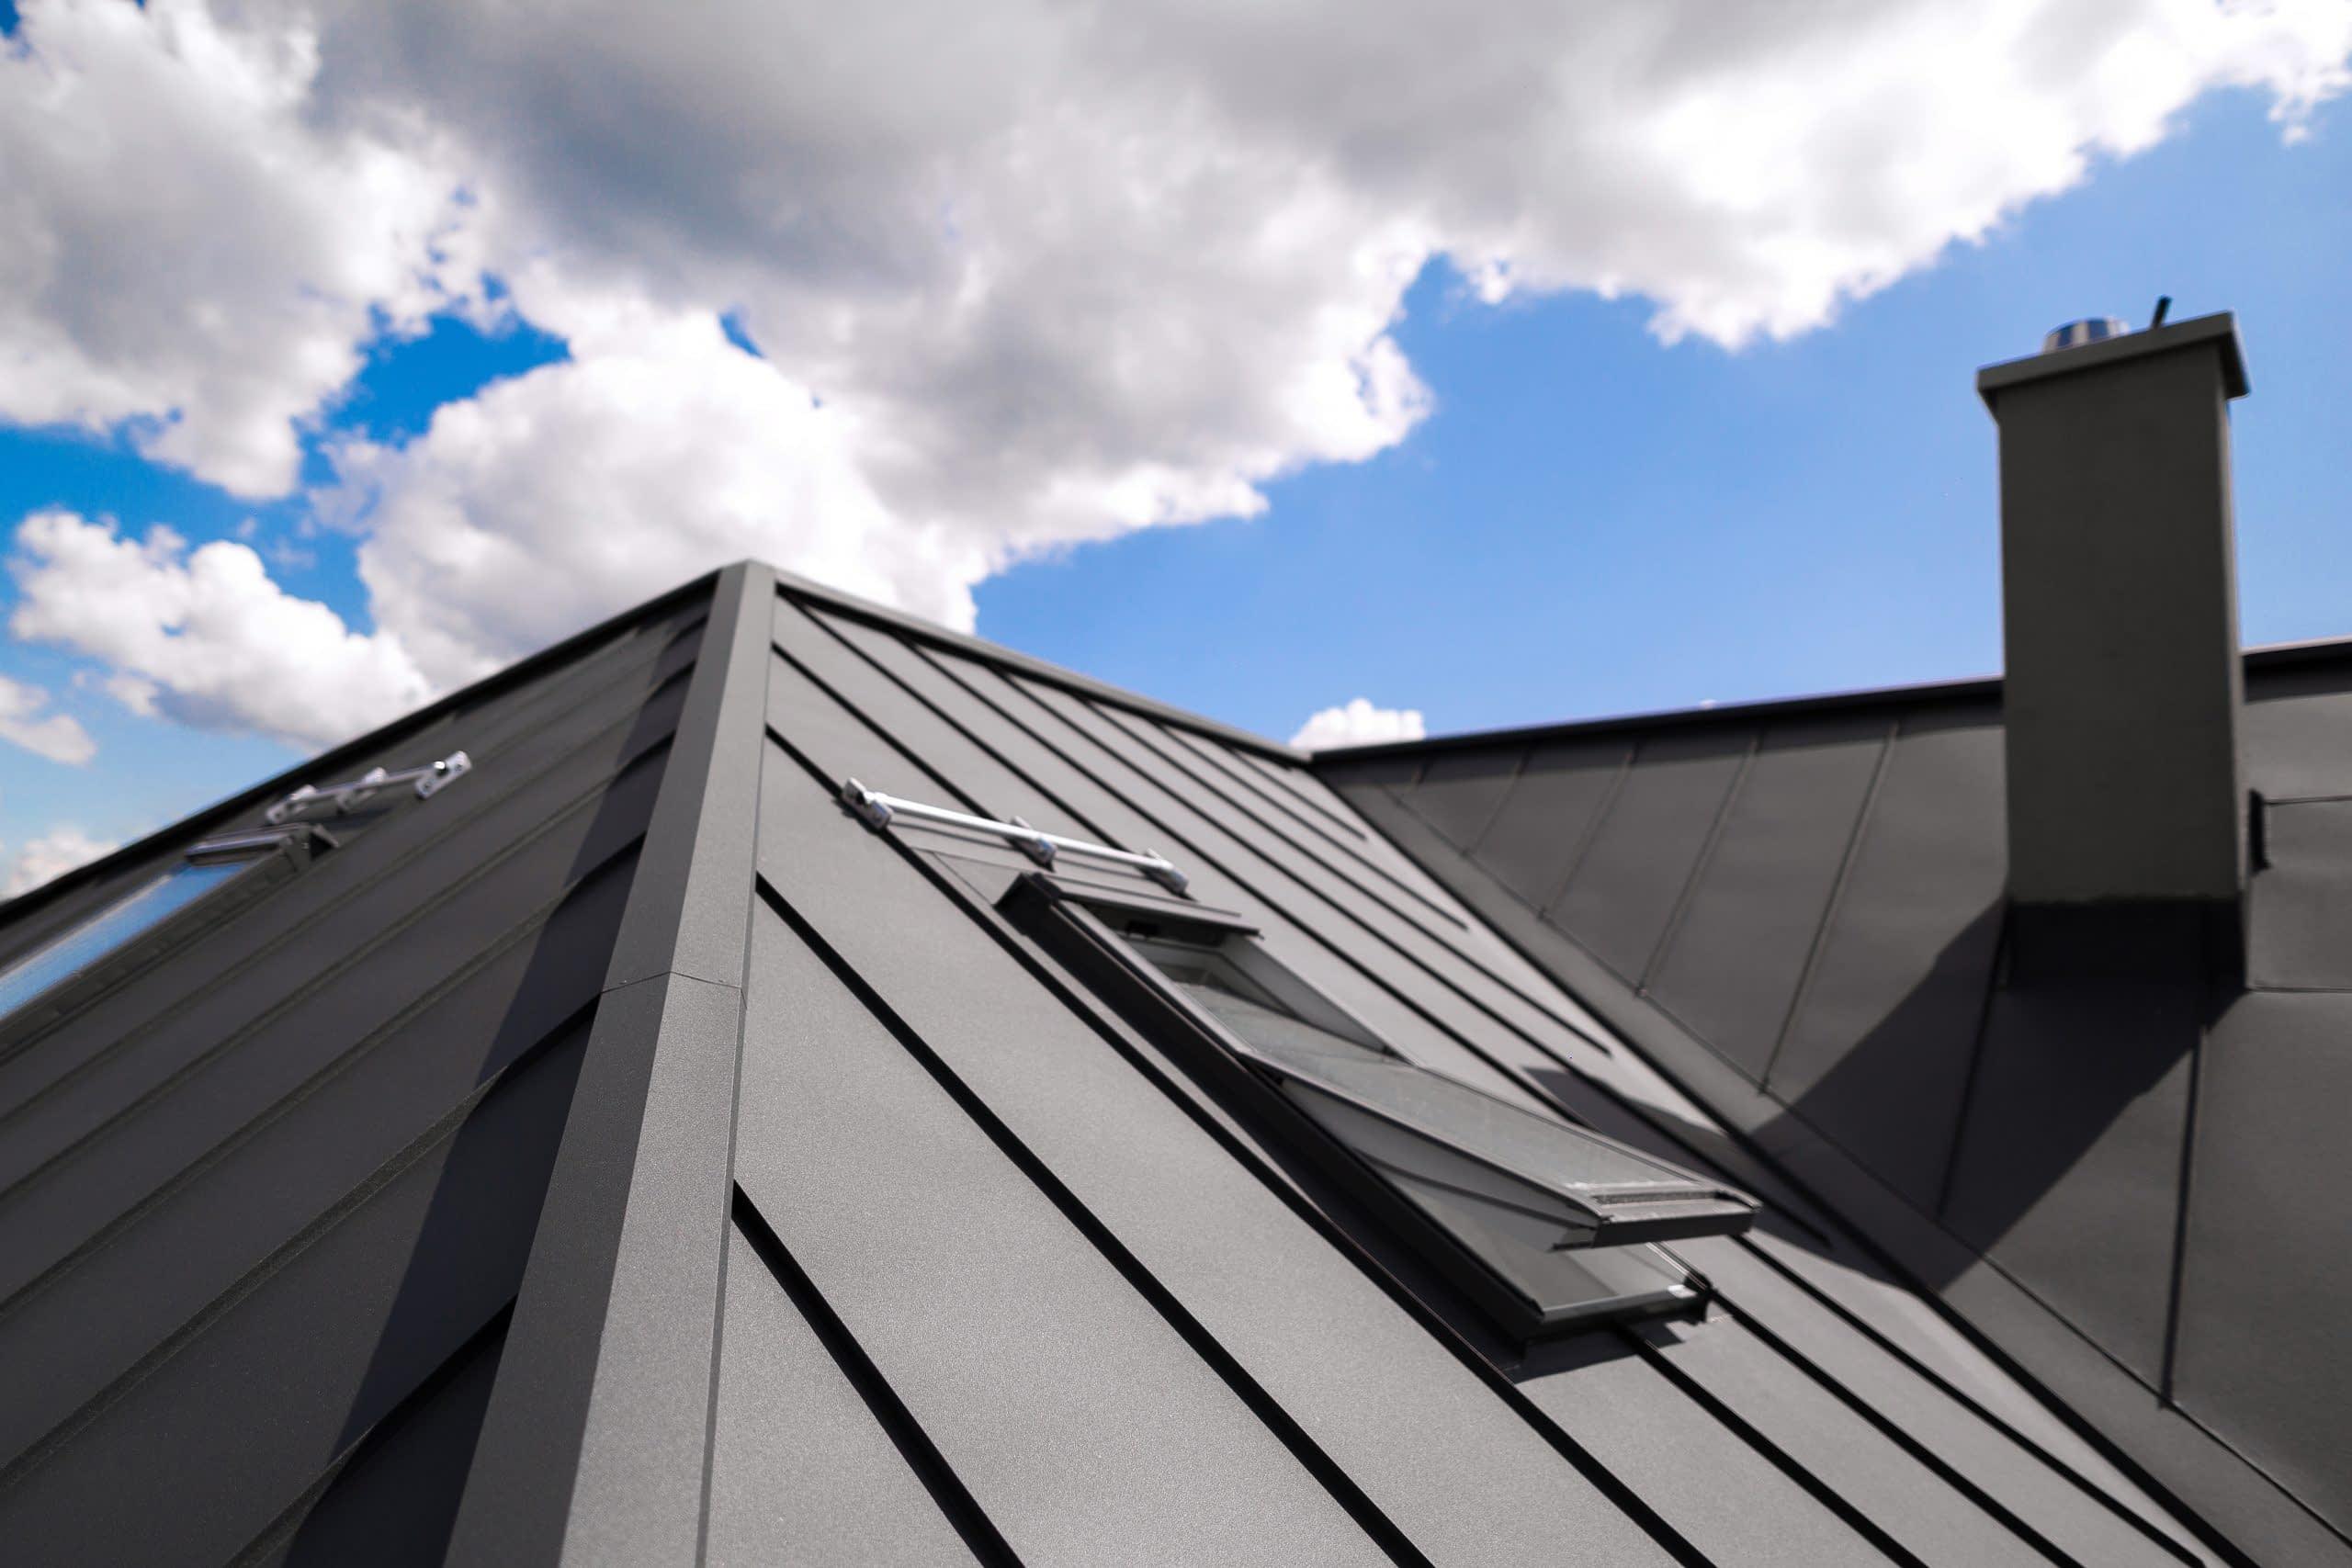 Akú farbu vybrať na strechu?